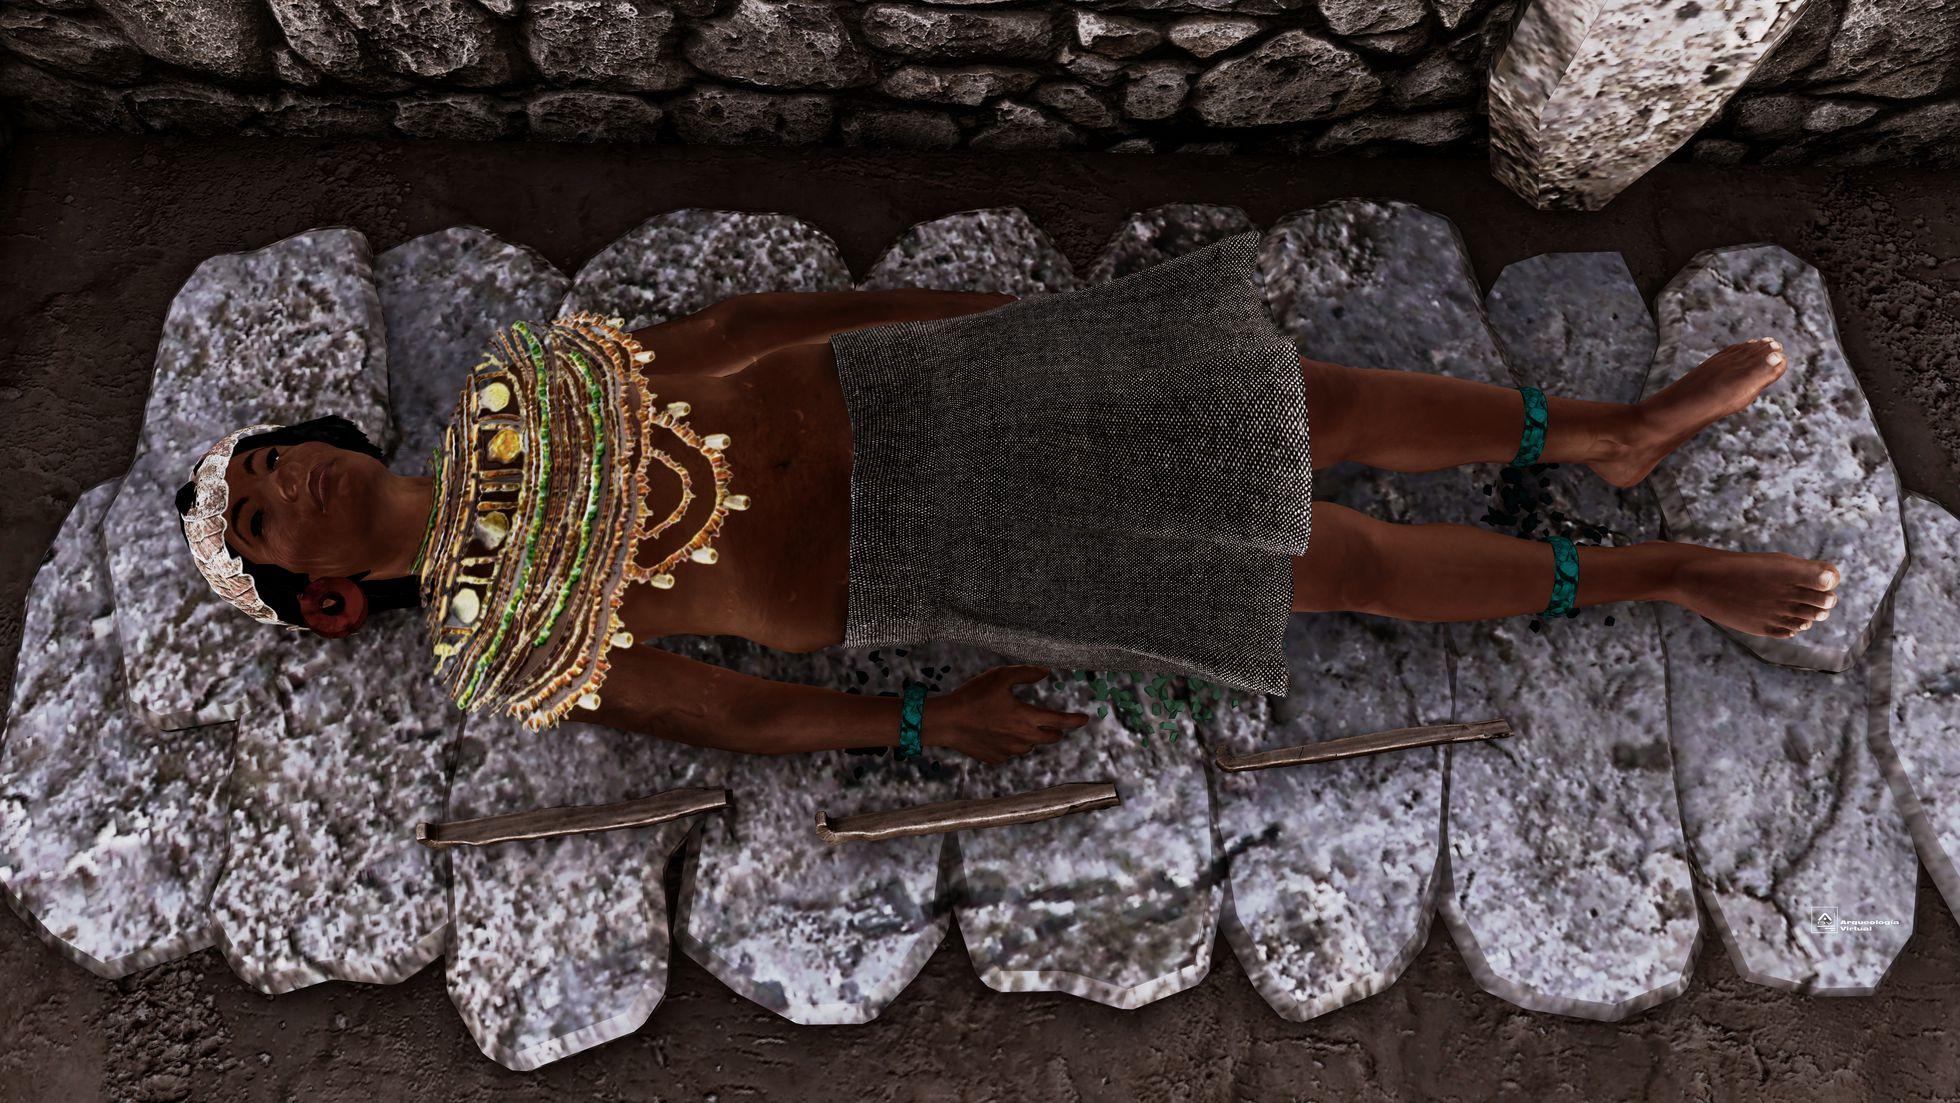 La doncella guerrera de Tingambato: el tesoro de la arqueología mexicana enterrado entre campos de aguacate